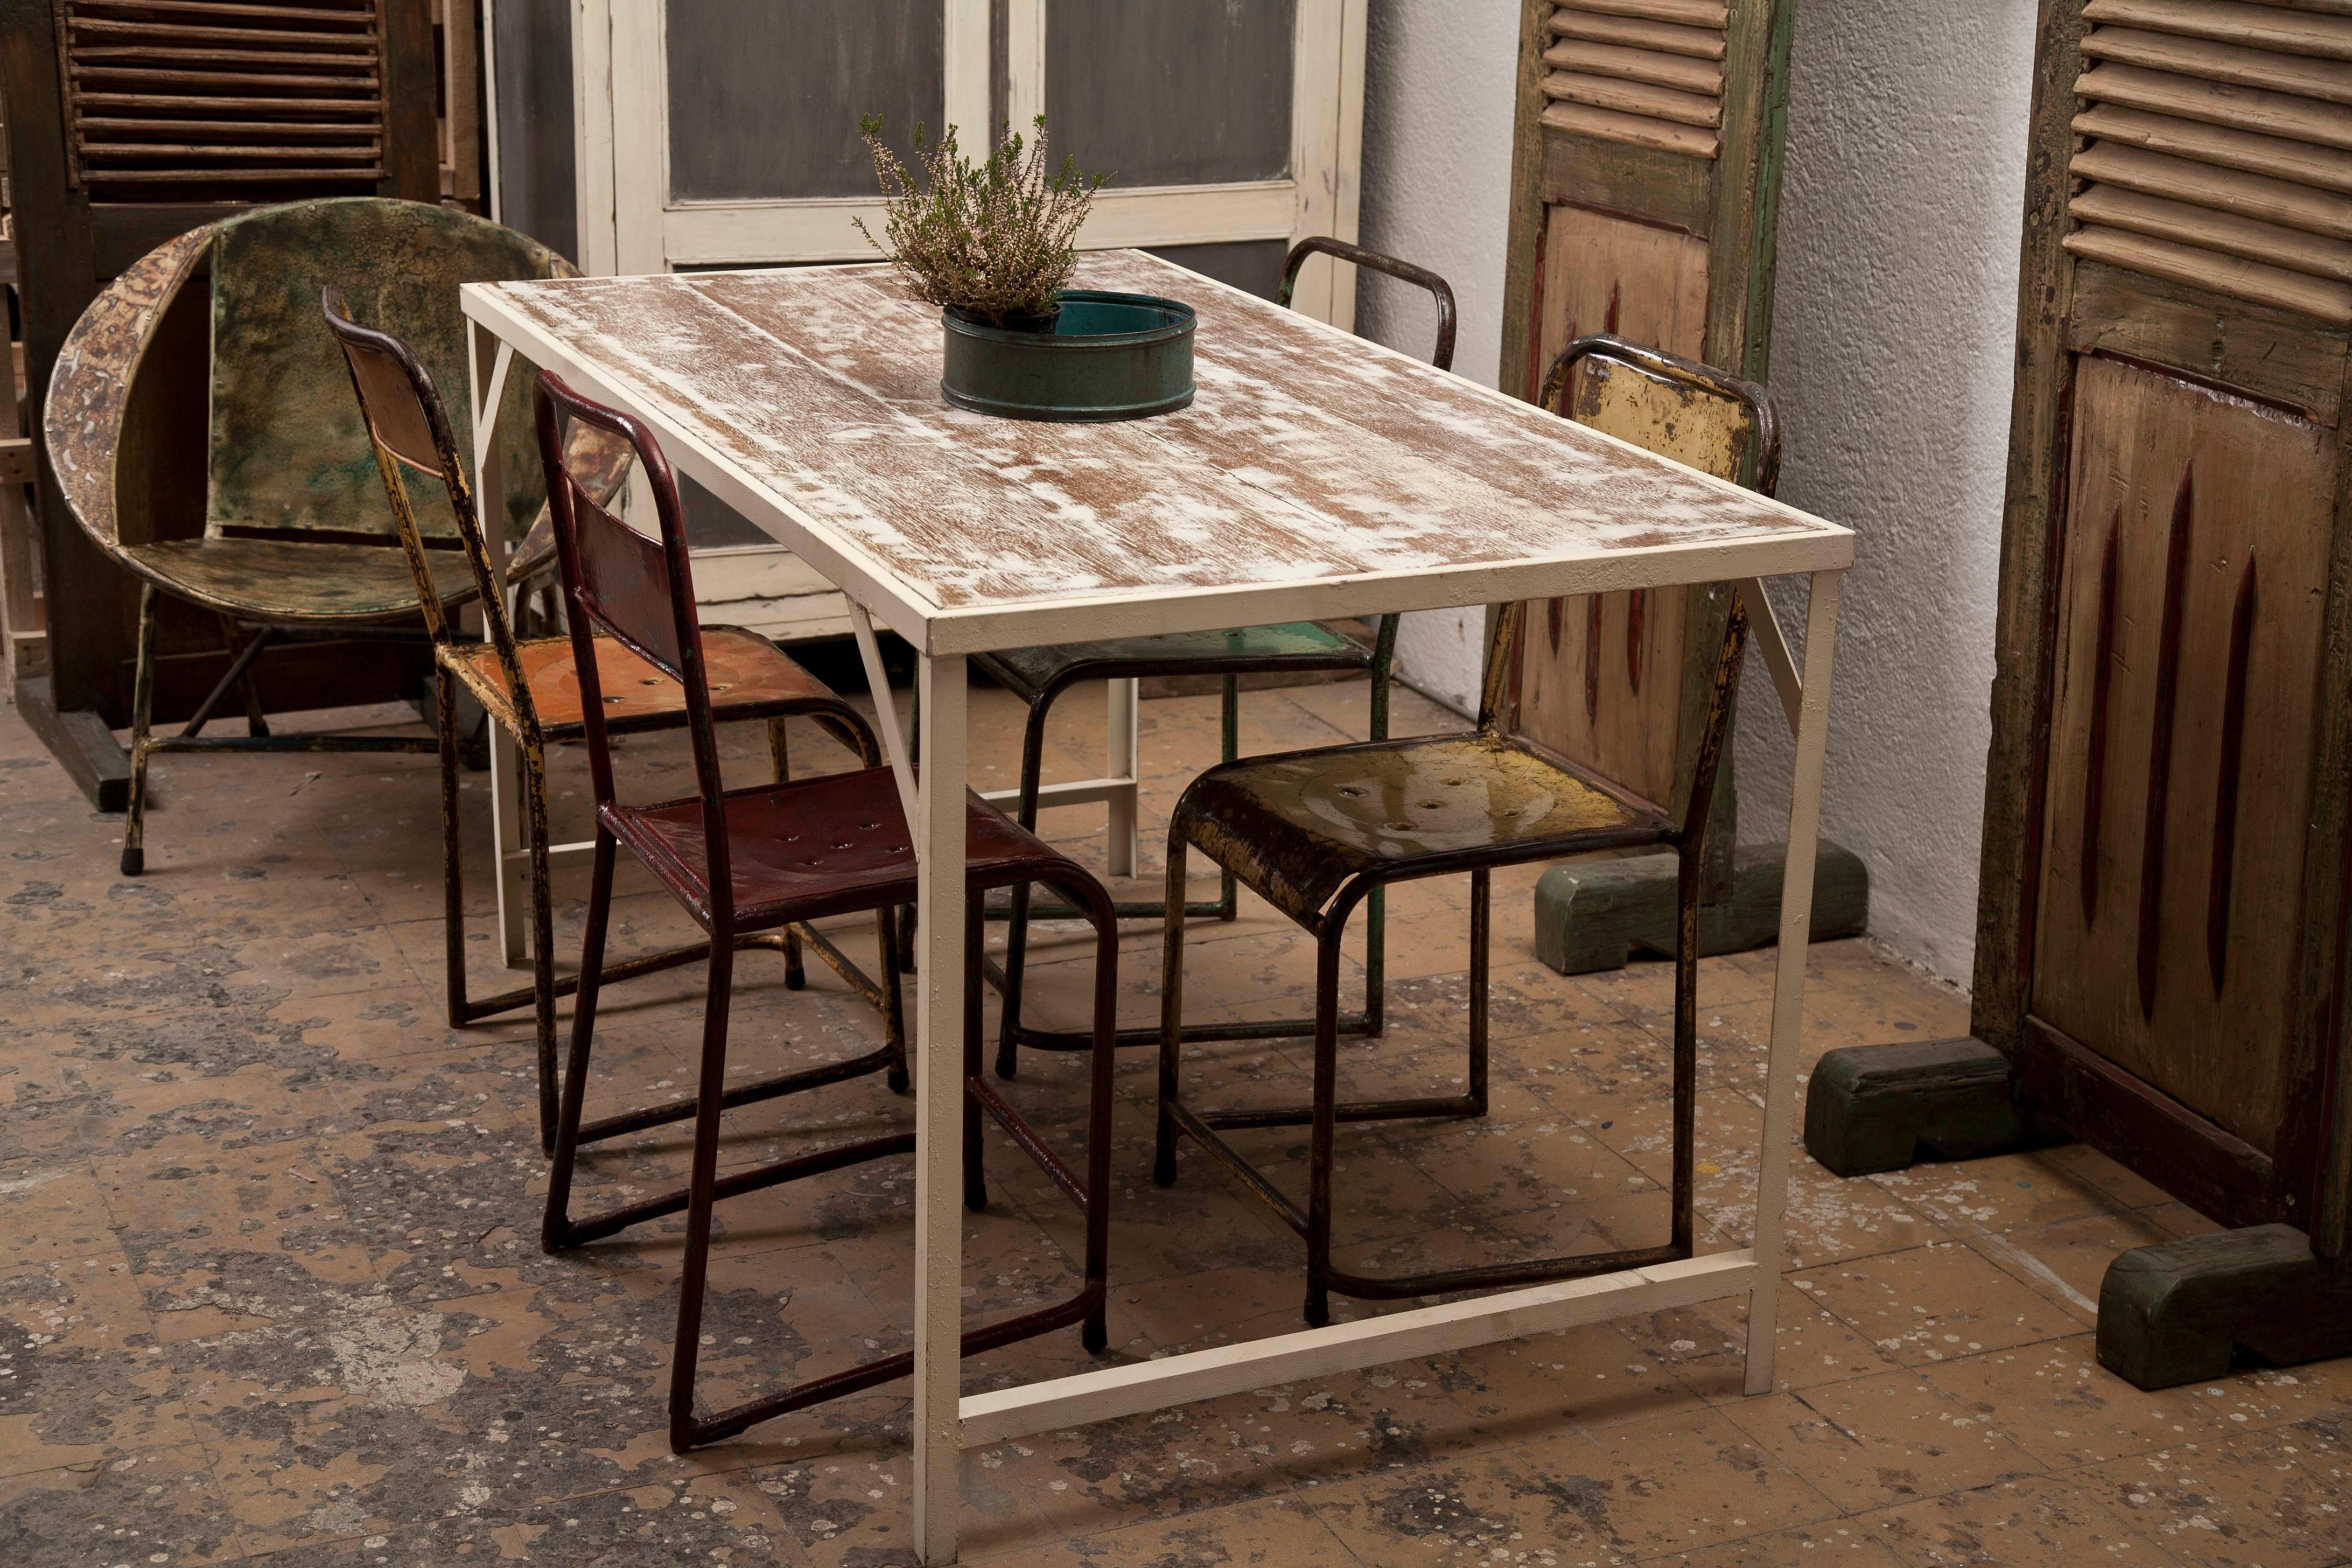 Calma chechu venta de muebles vintage industrial mesa for Mesa hierro y madera